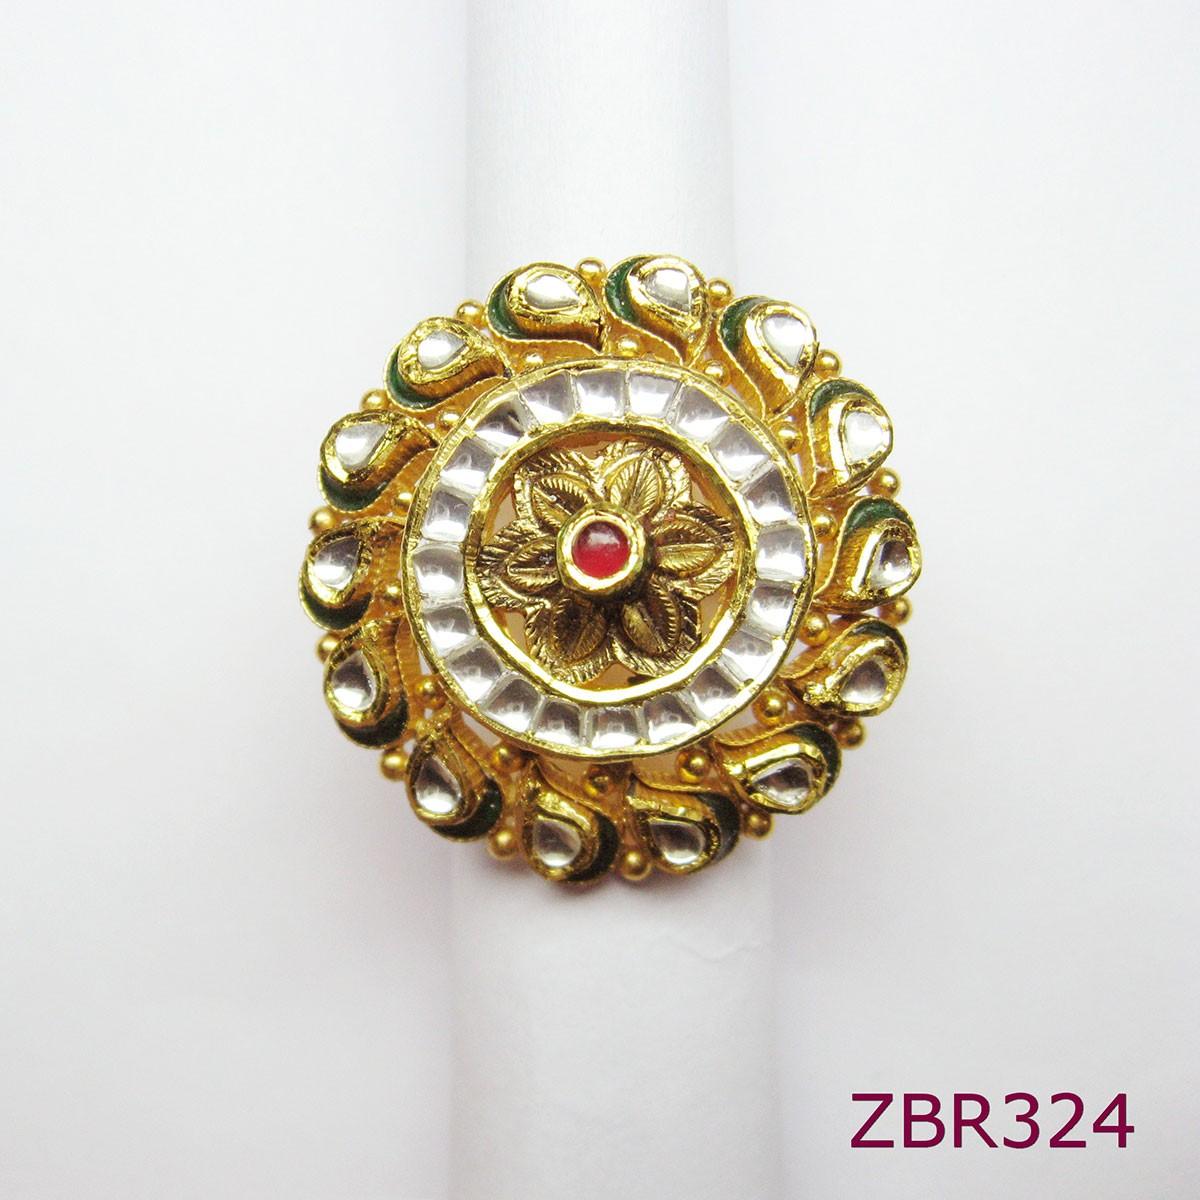 ZBR324